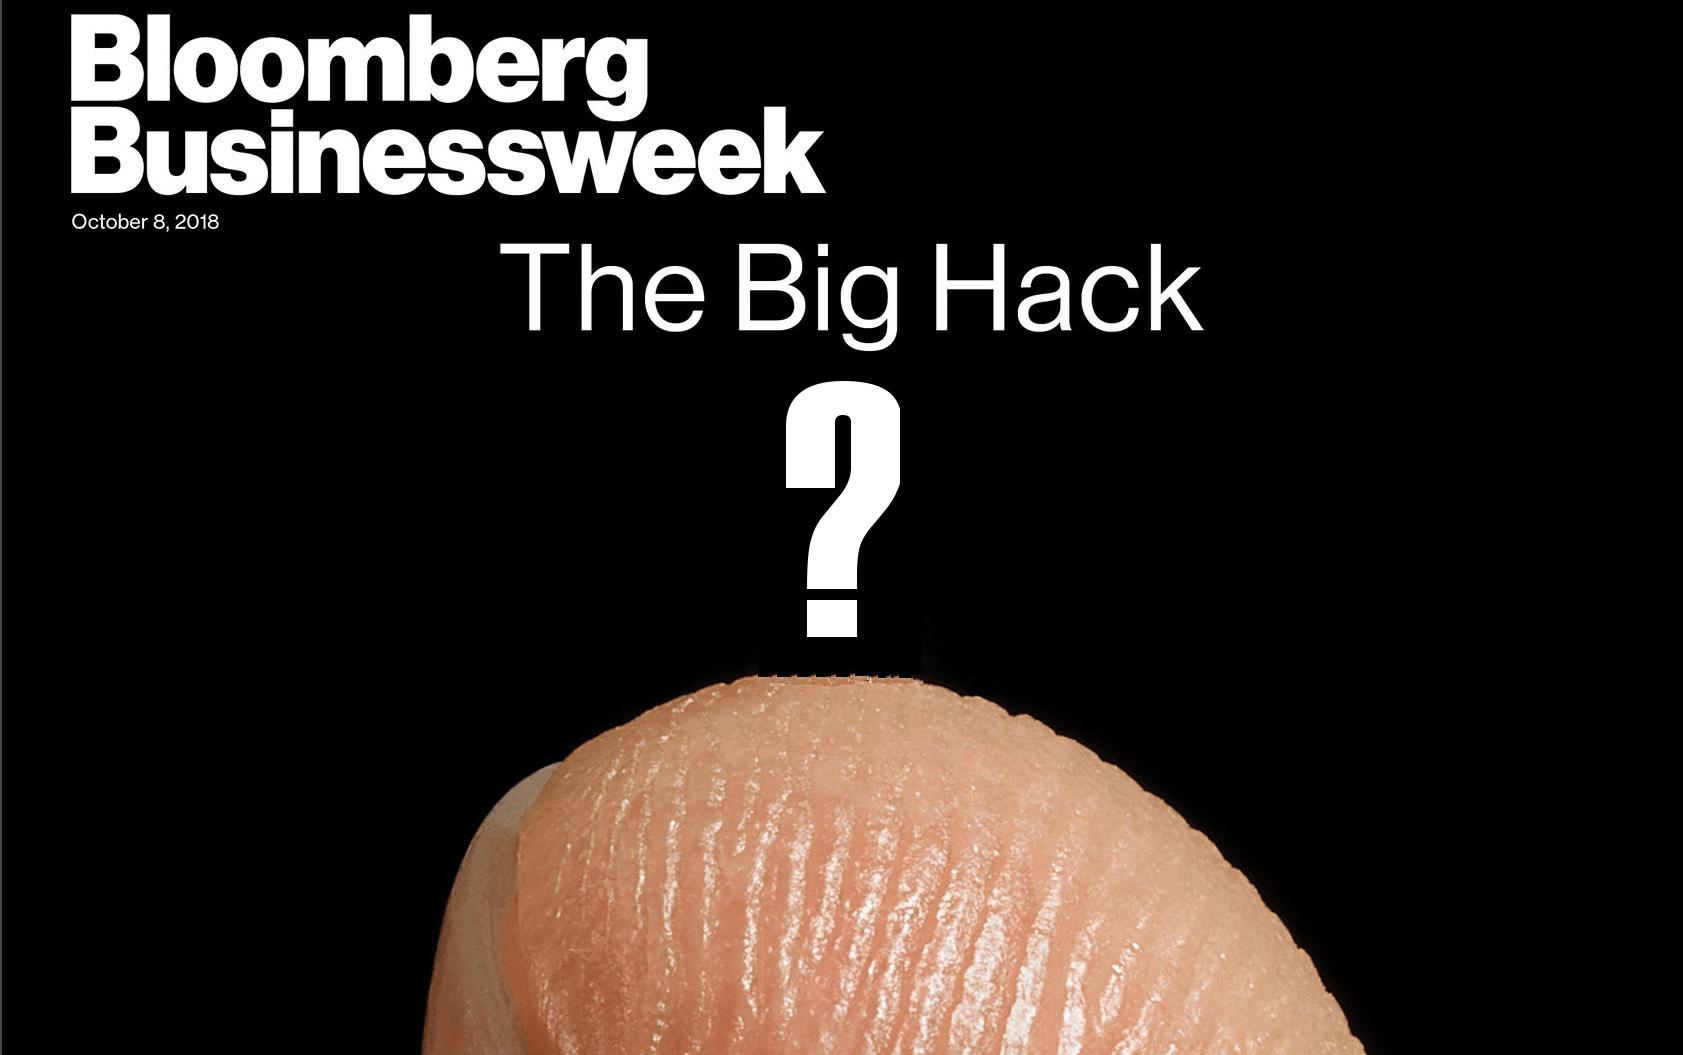 Immagine per la copertina dell'articolo dei microchip presa dall'articolo originale di bloomerg